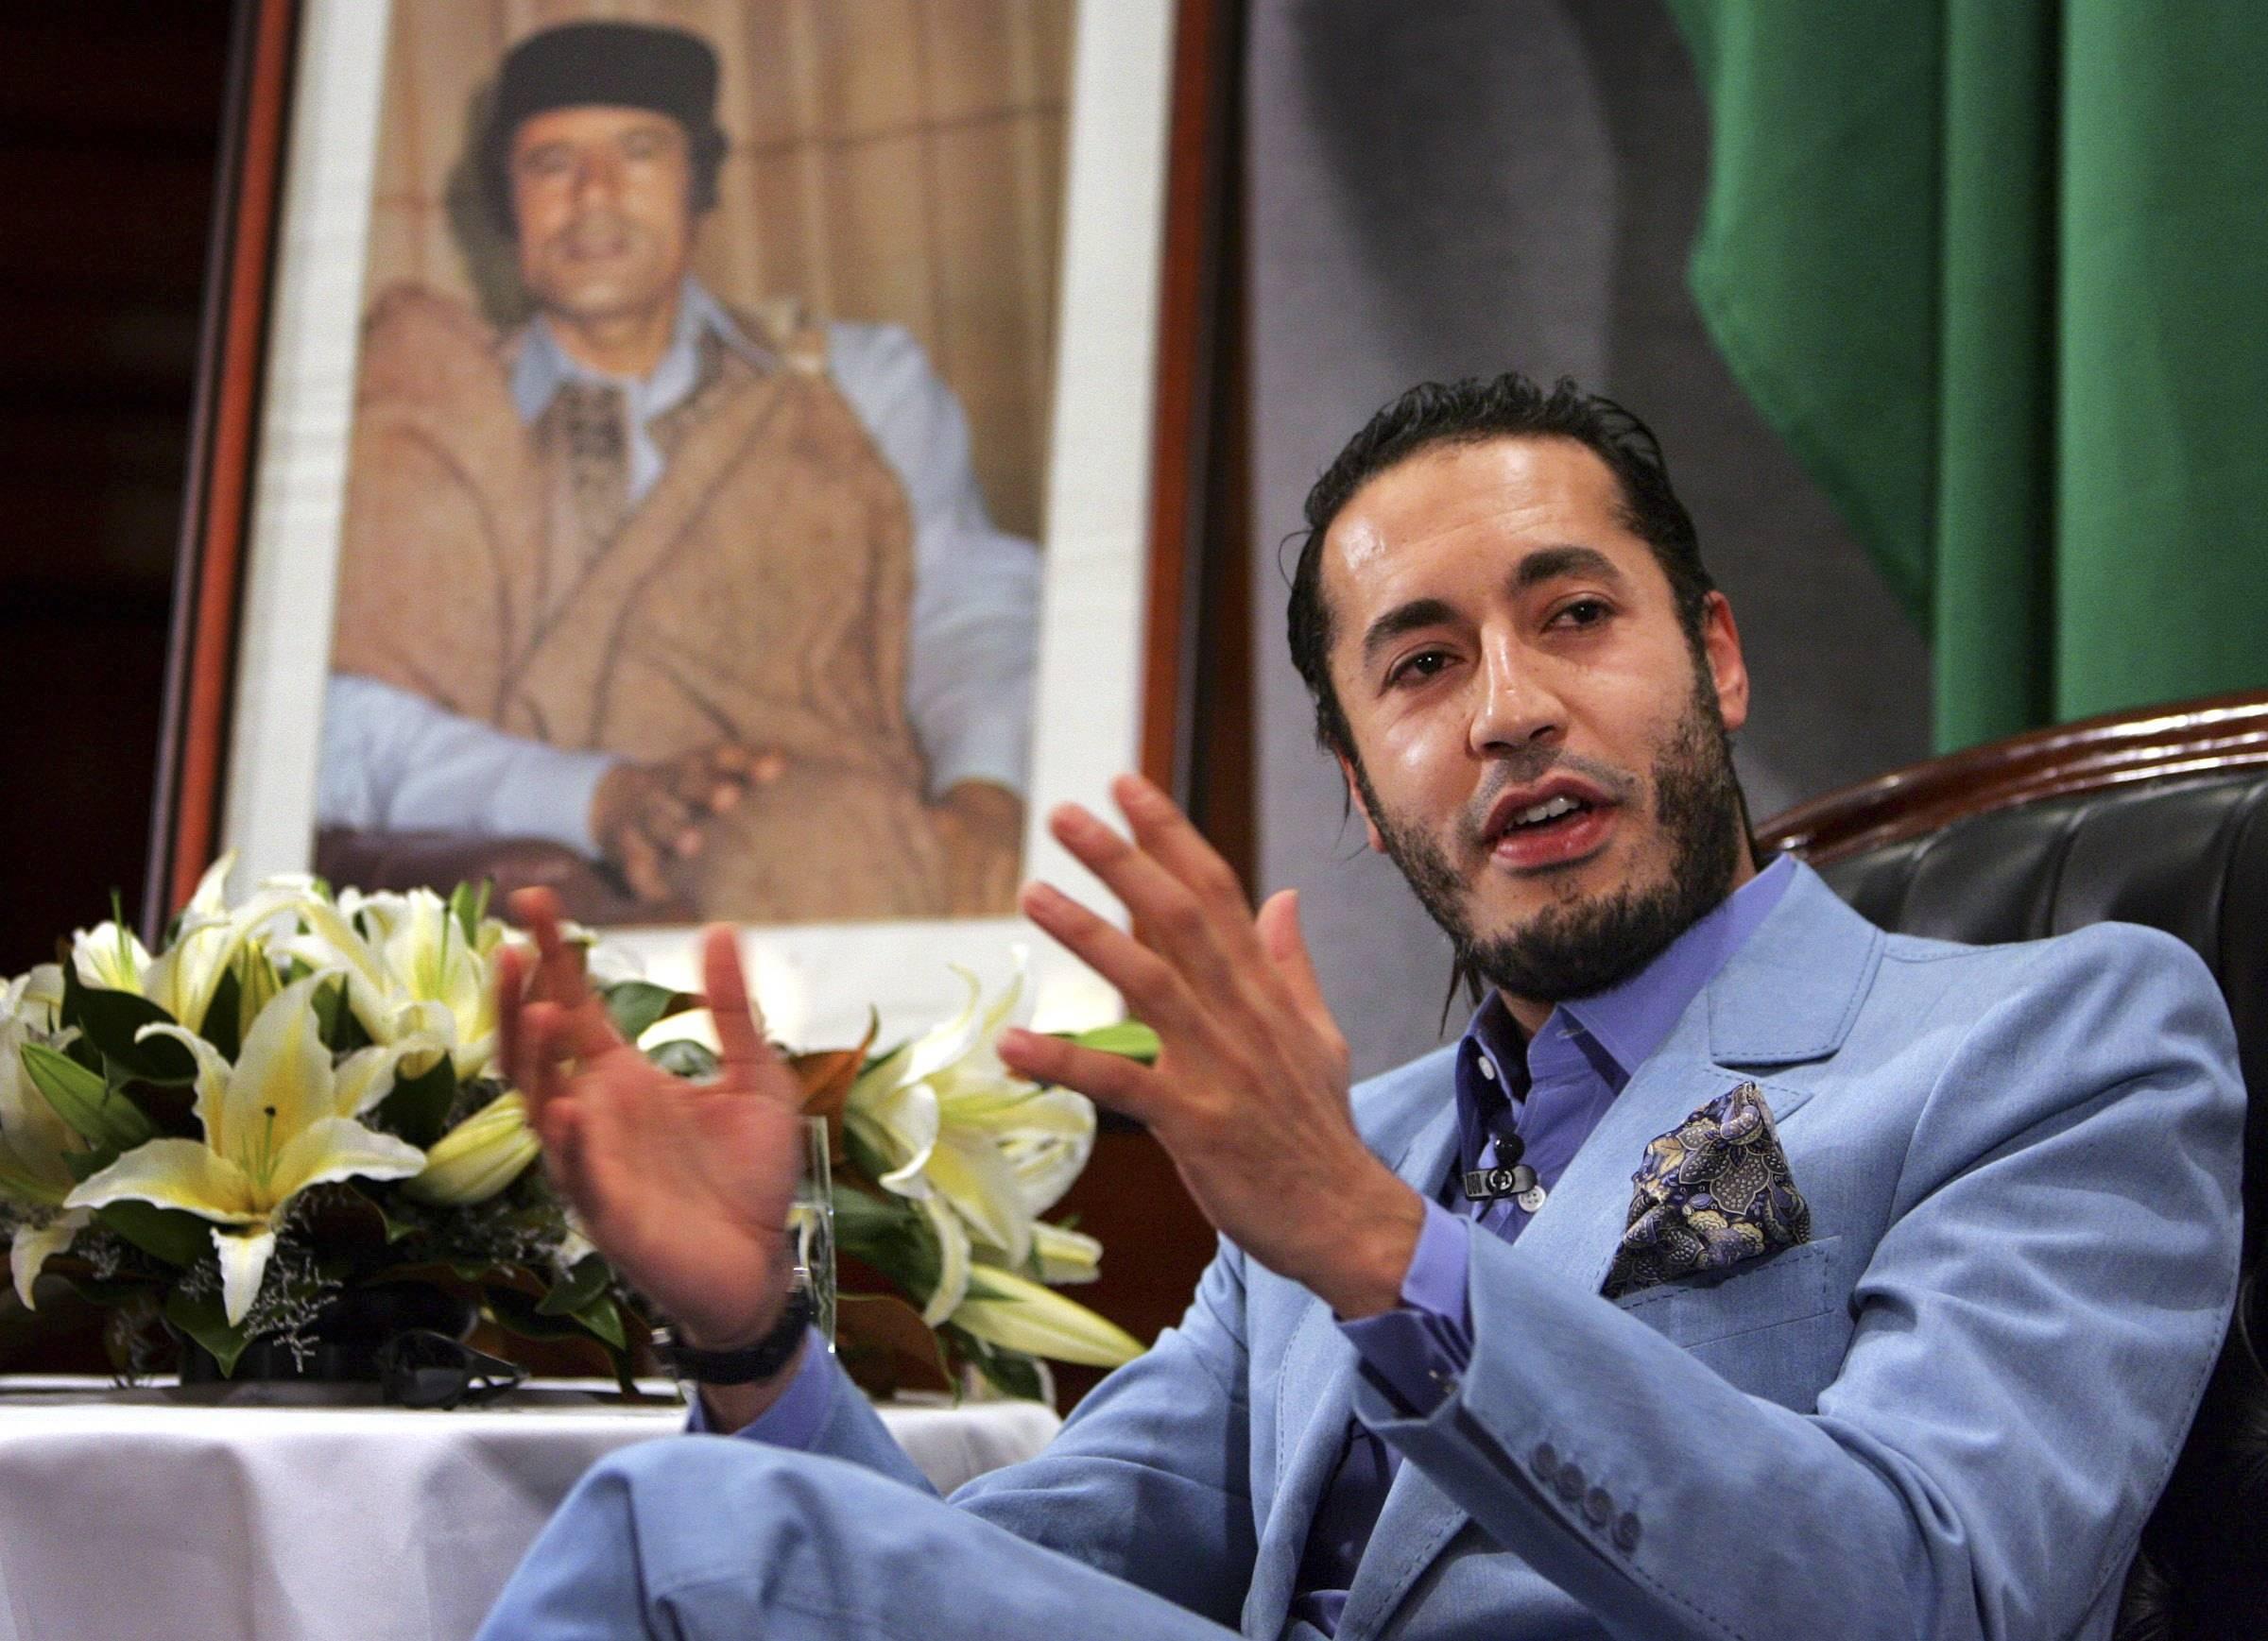 استمرار التوتر بين ليبيا والنيجر بسبب الساعدي القذافي